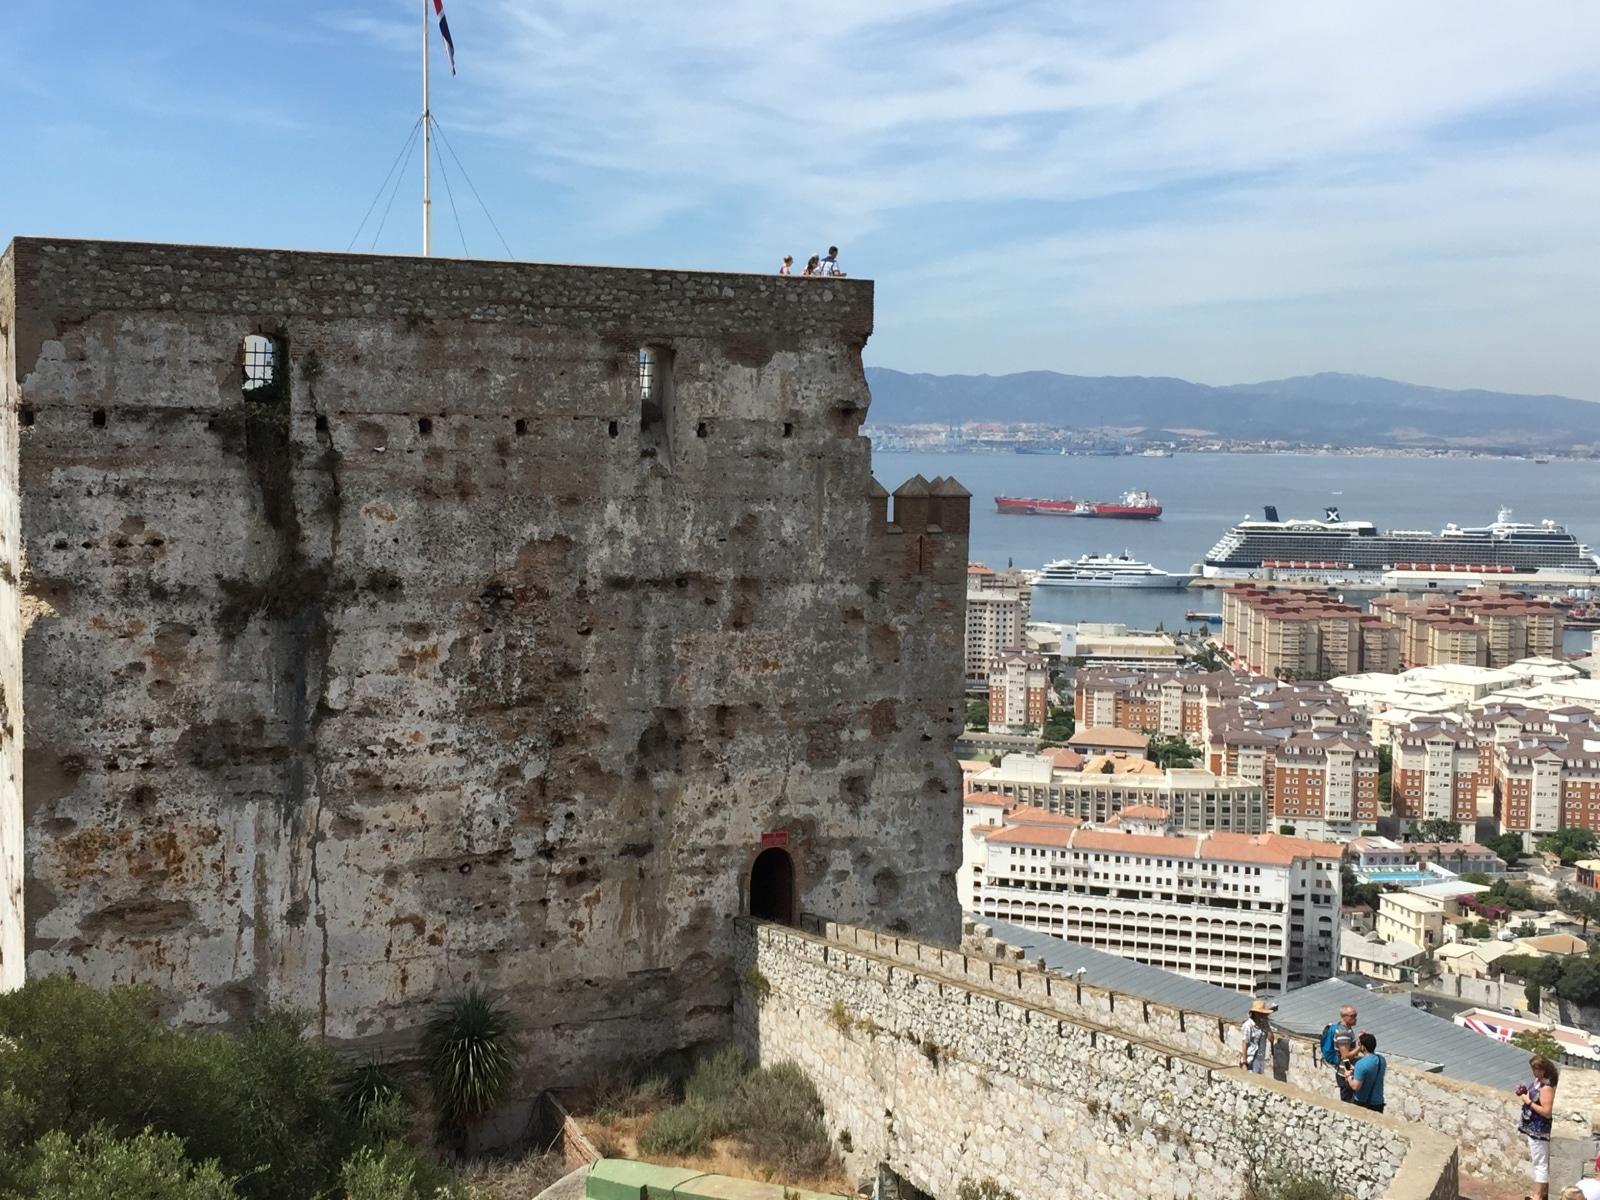 el-castillo-moro-de-gibraltar-abajo-la-ciudad-y-el-puerto_22727026562_o